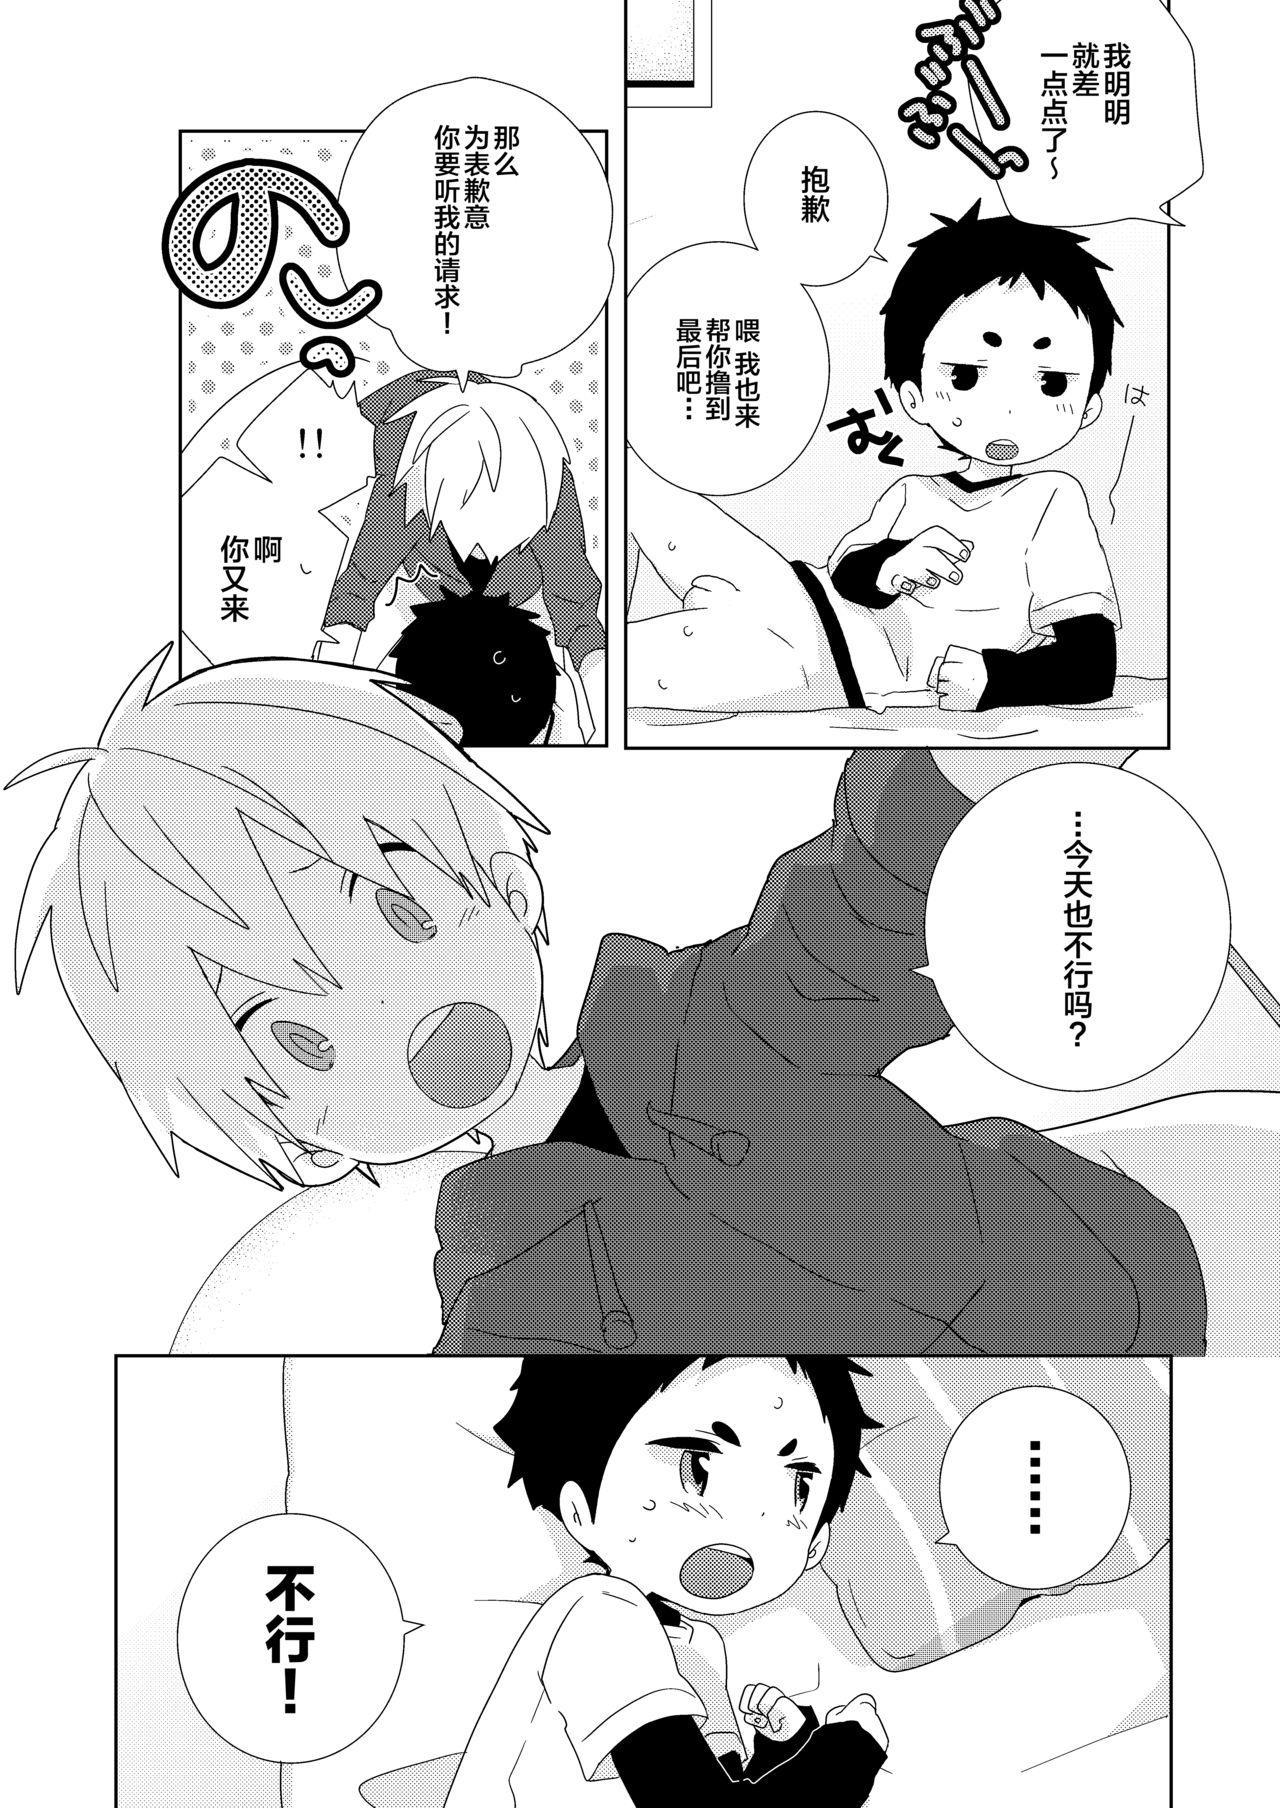 Kota-kun Ecchi Shiyo! 13